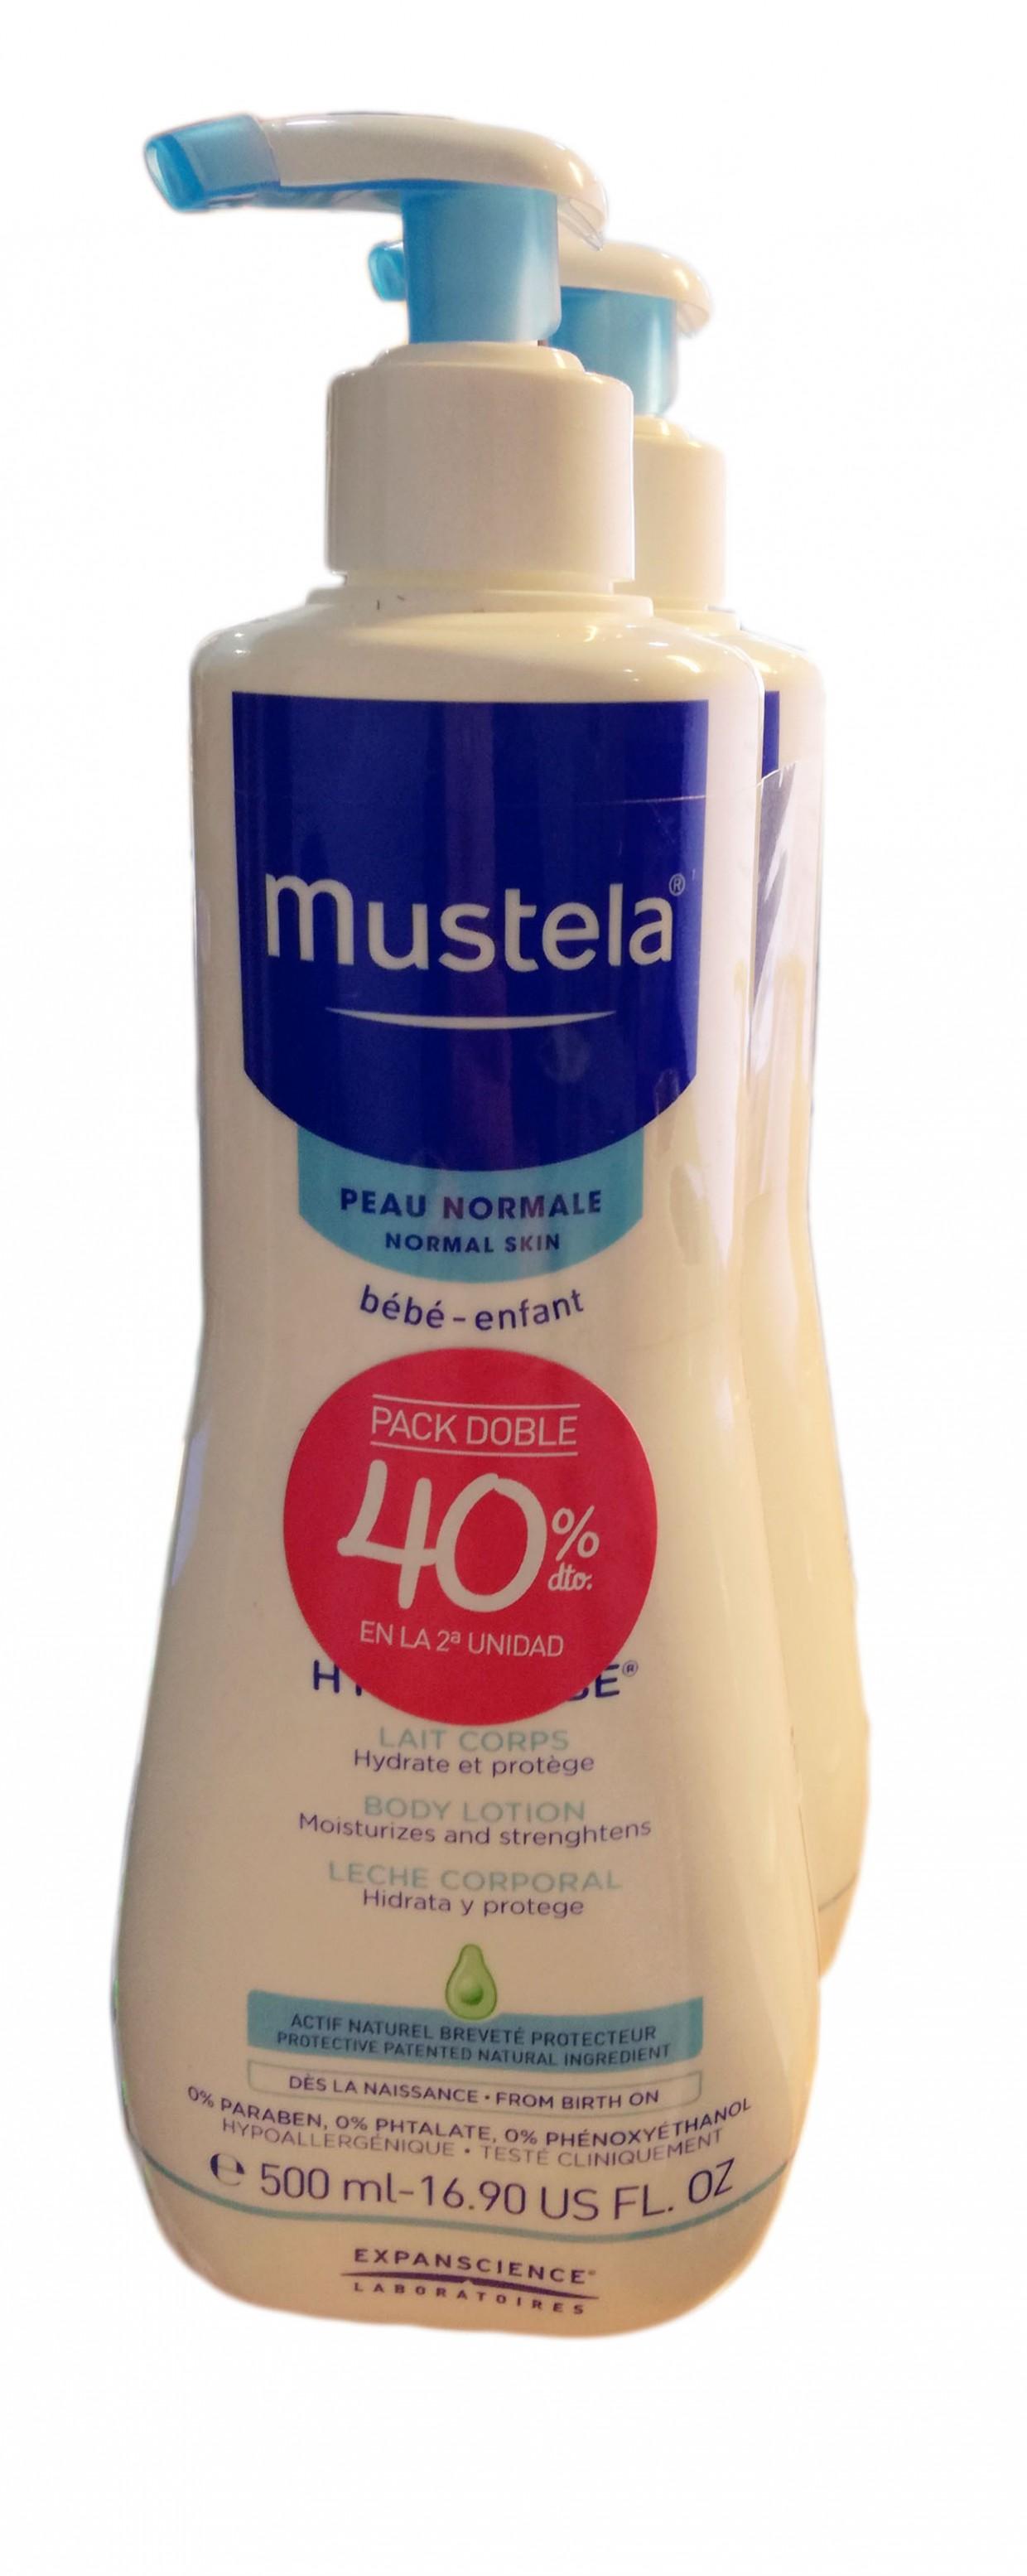 Mustela Hydra Bebe Loción 500ml Duo 2ª Ud 40%